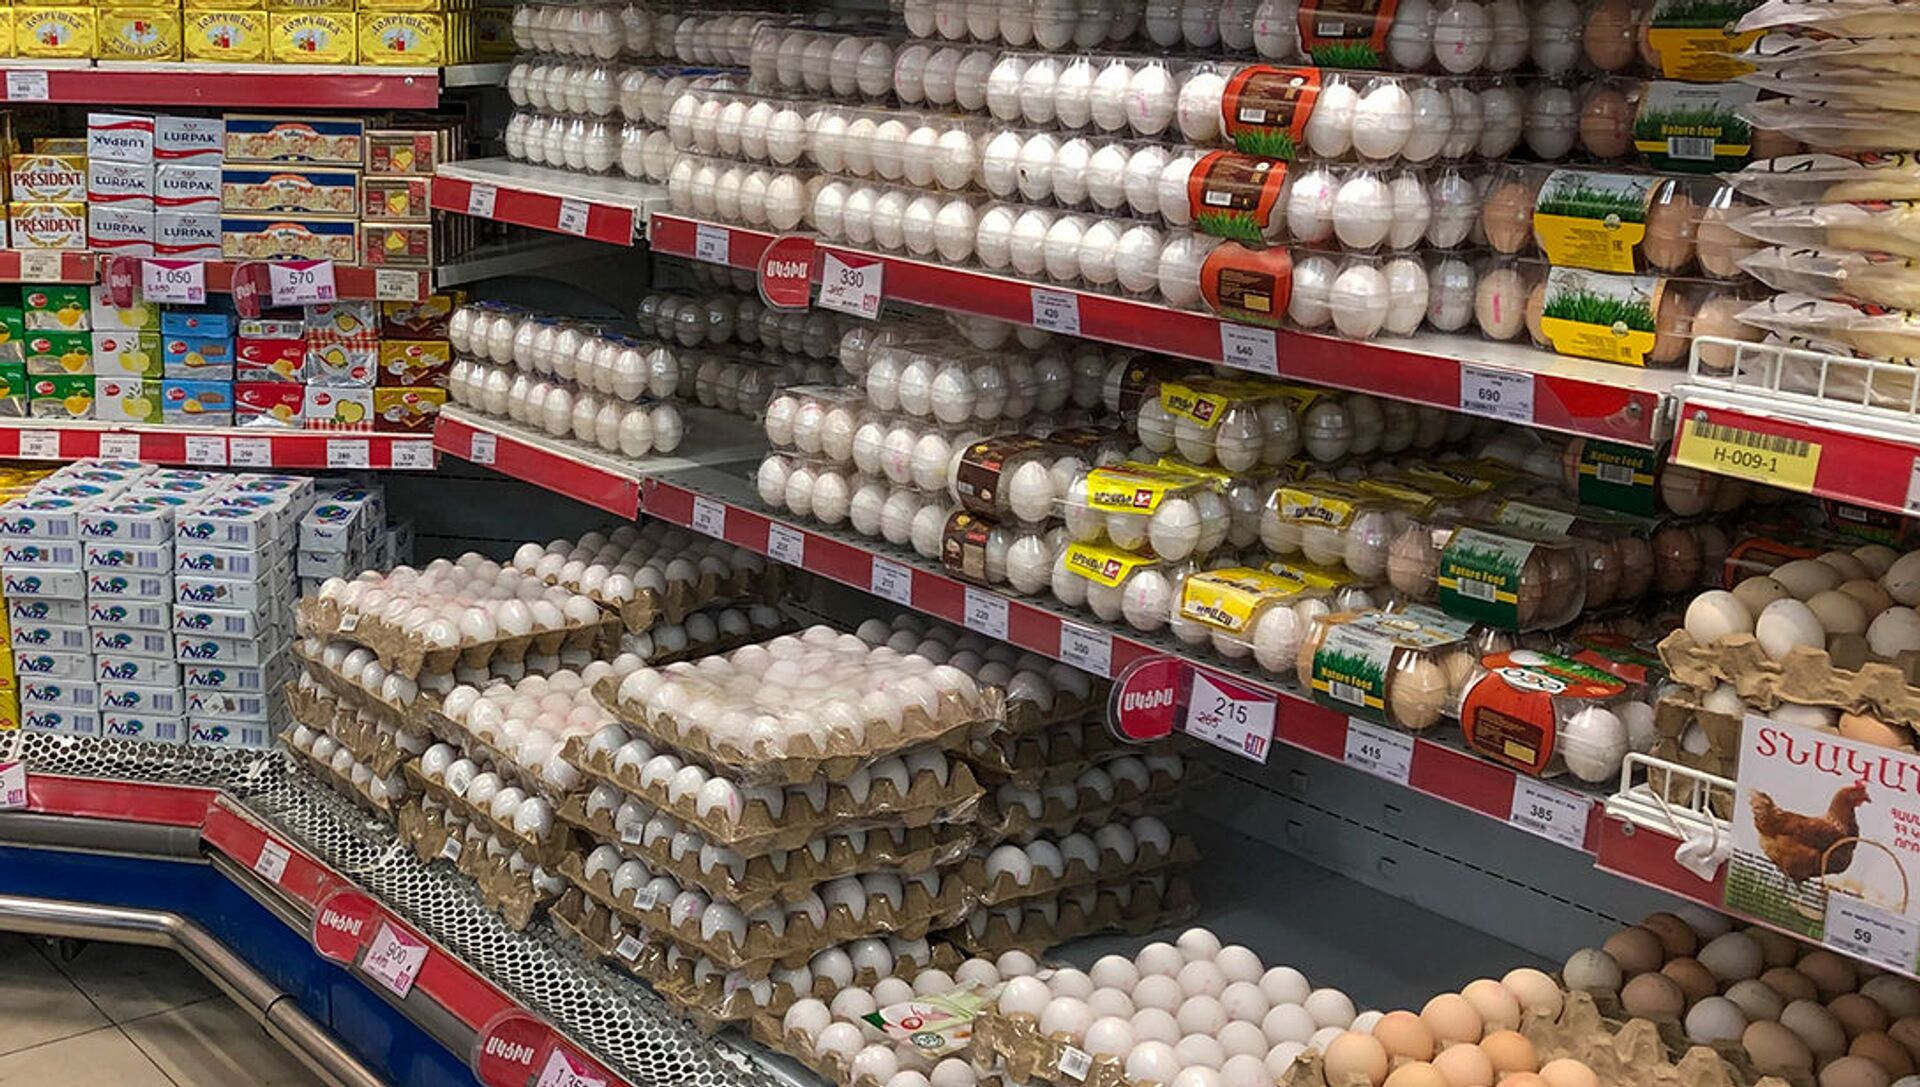 Продукты на прилавках супермаркета - Sputnik Արմենիա, 1920, 05.04.2021